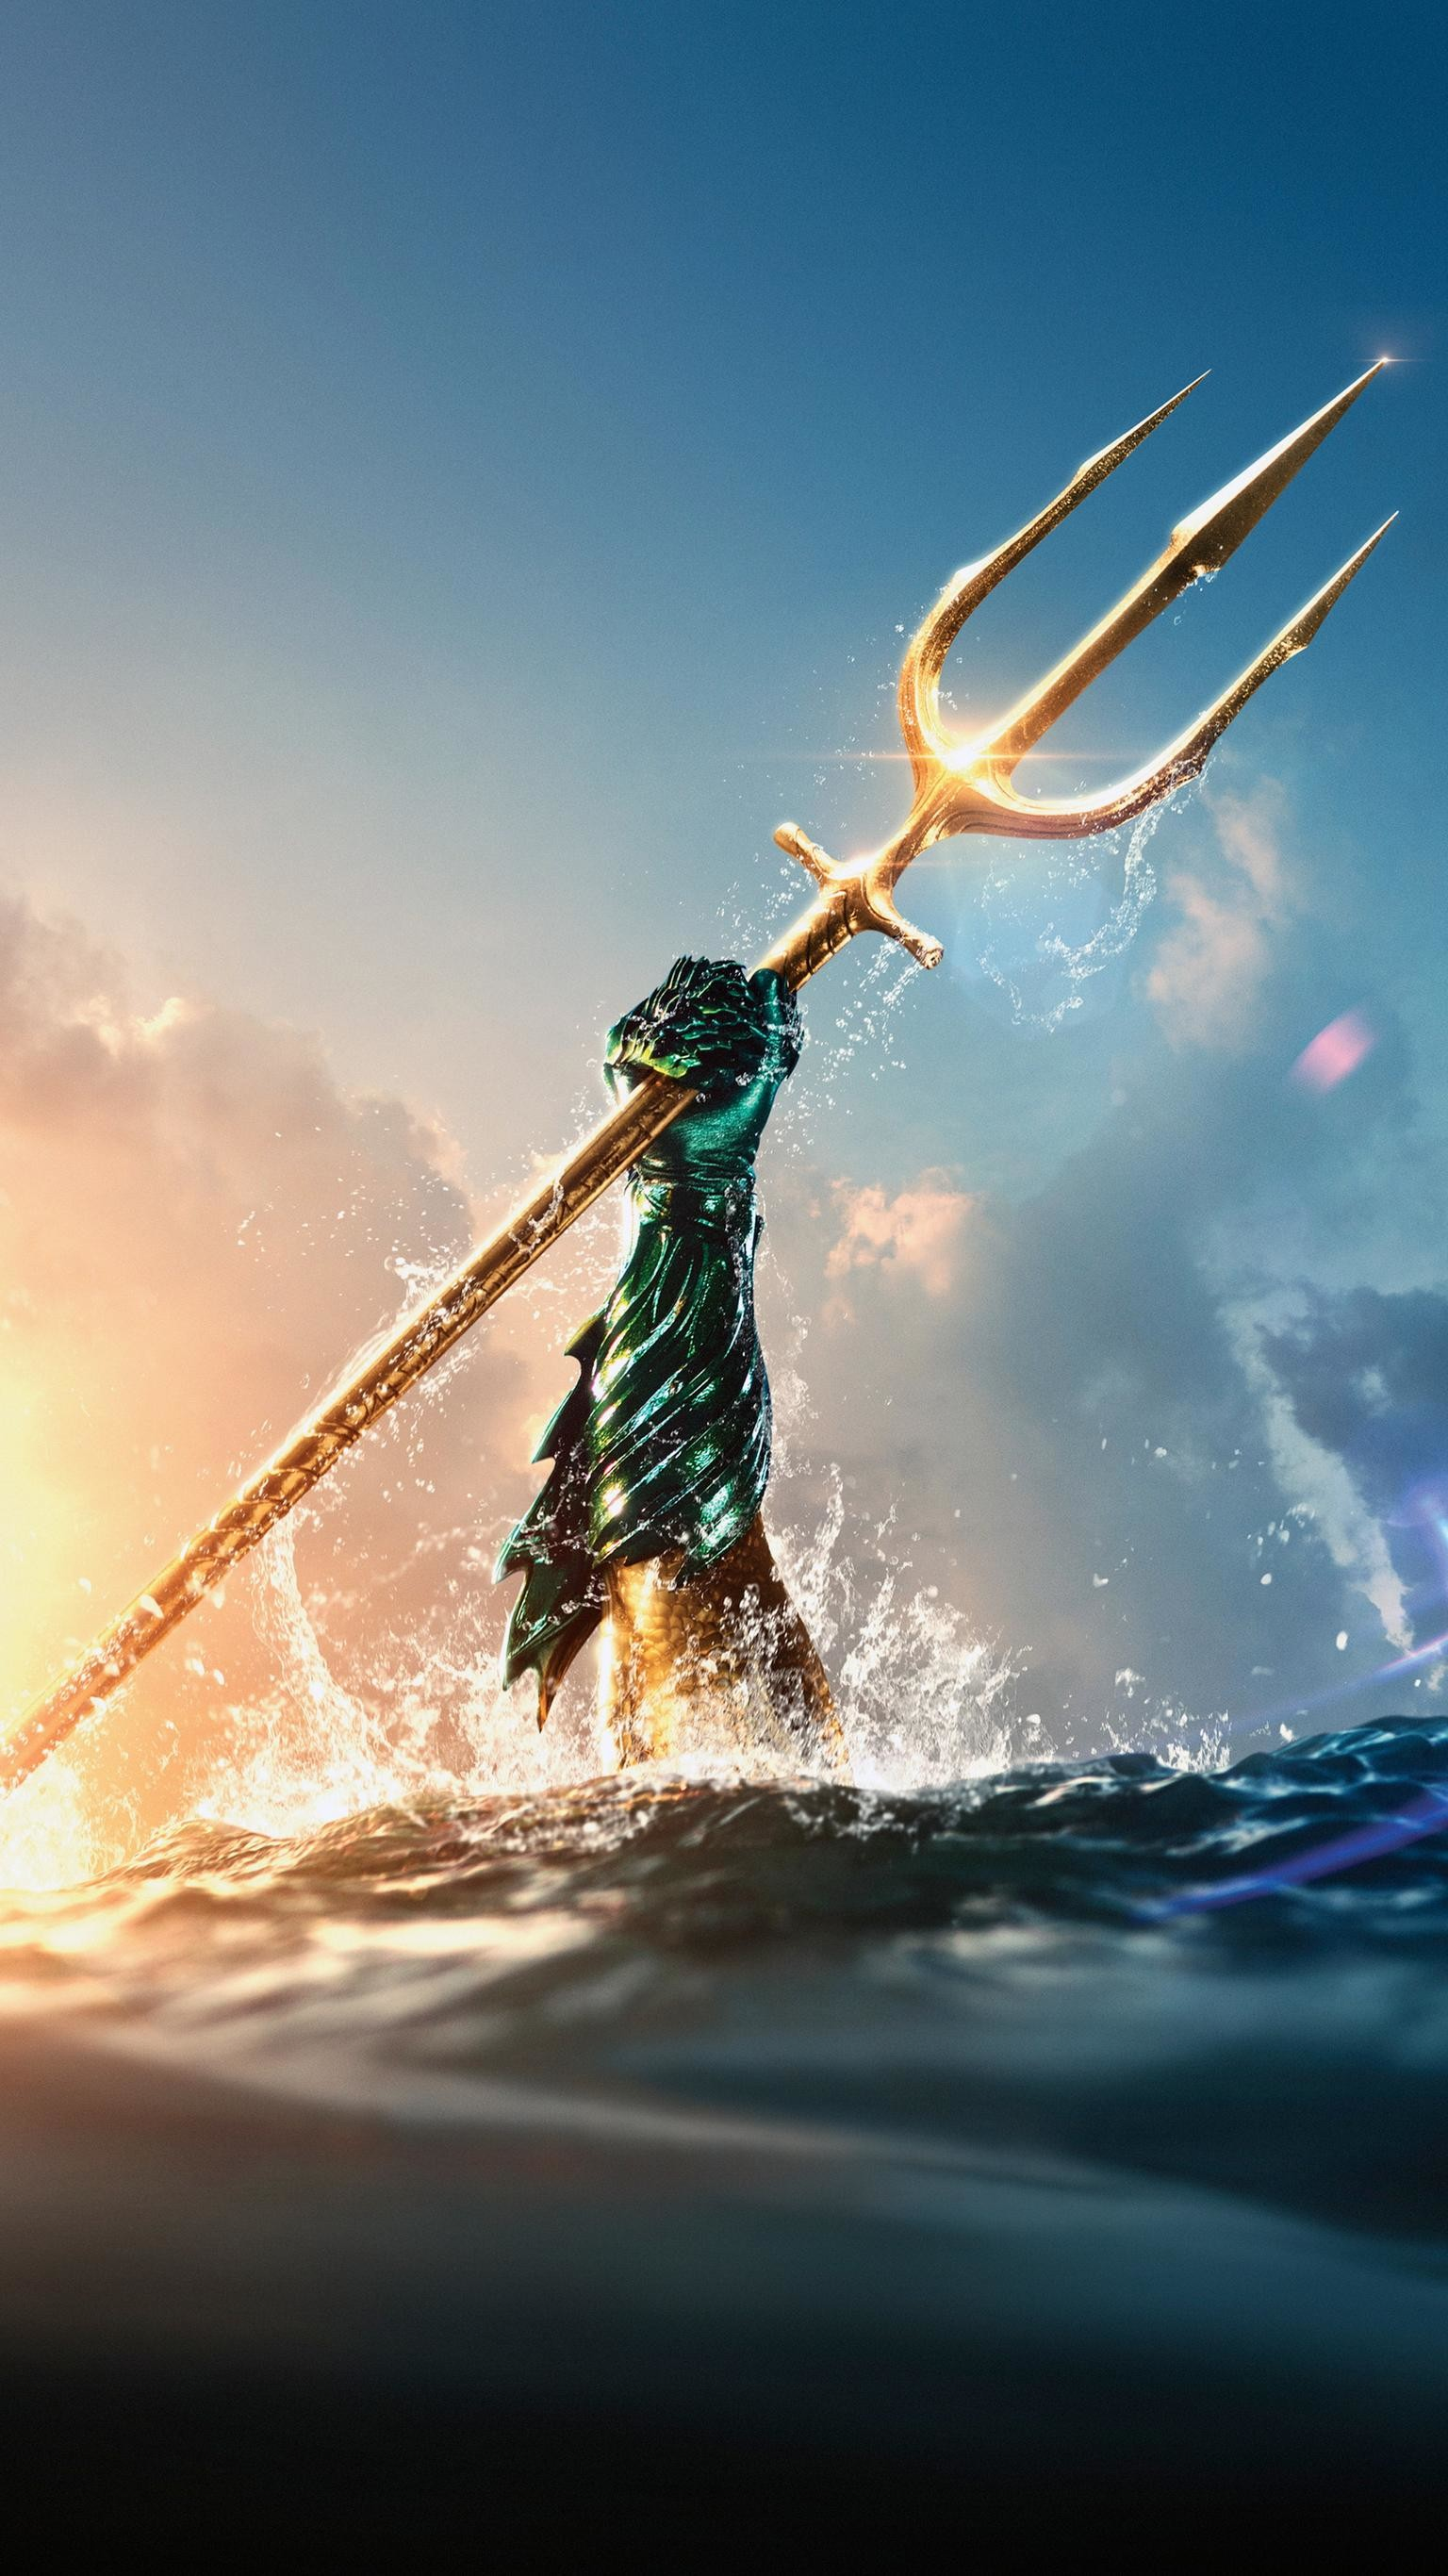 Justice League Iphone X Hd Wallpaper Aquaman Iphone Wallpaper 87 Images